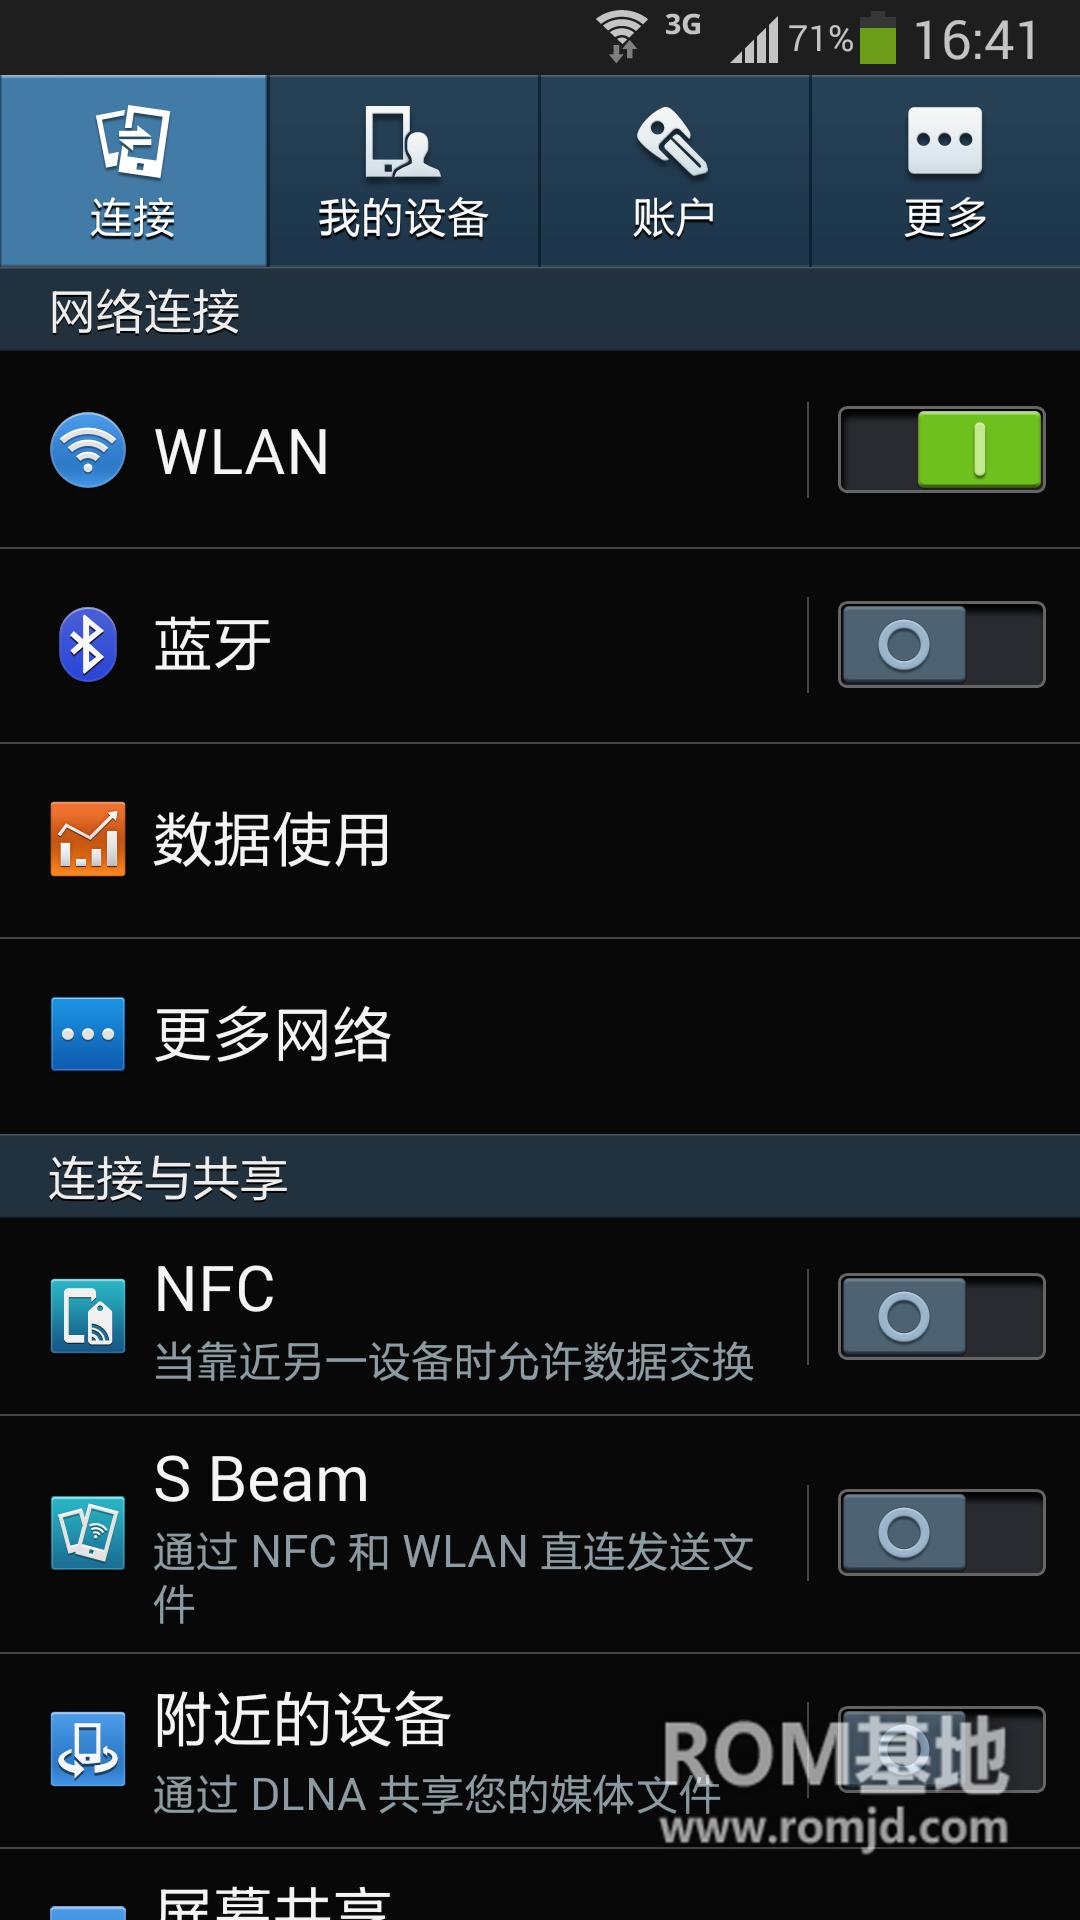 【新蜂】三星Galaxy S IV 移动版(I9508) 刷机包 稳定流畅ROM刷机包截图